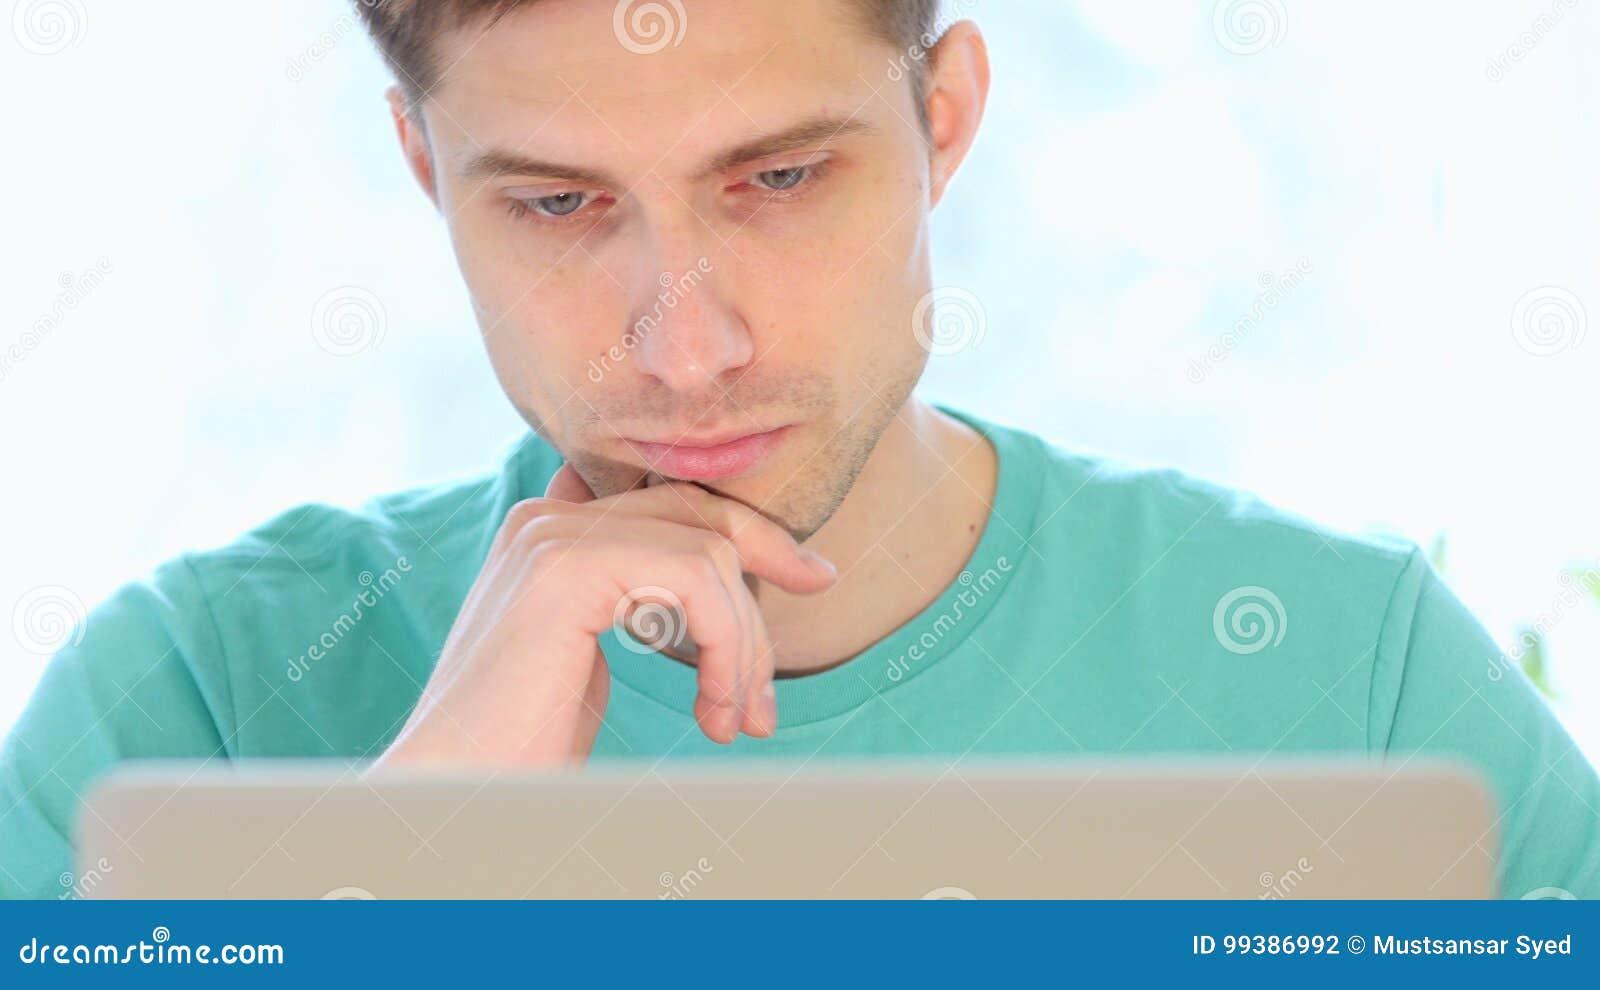 Работа с видом онлайн программы для изучения форекс